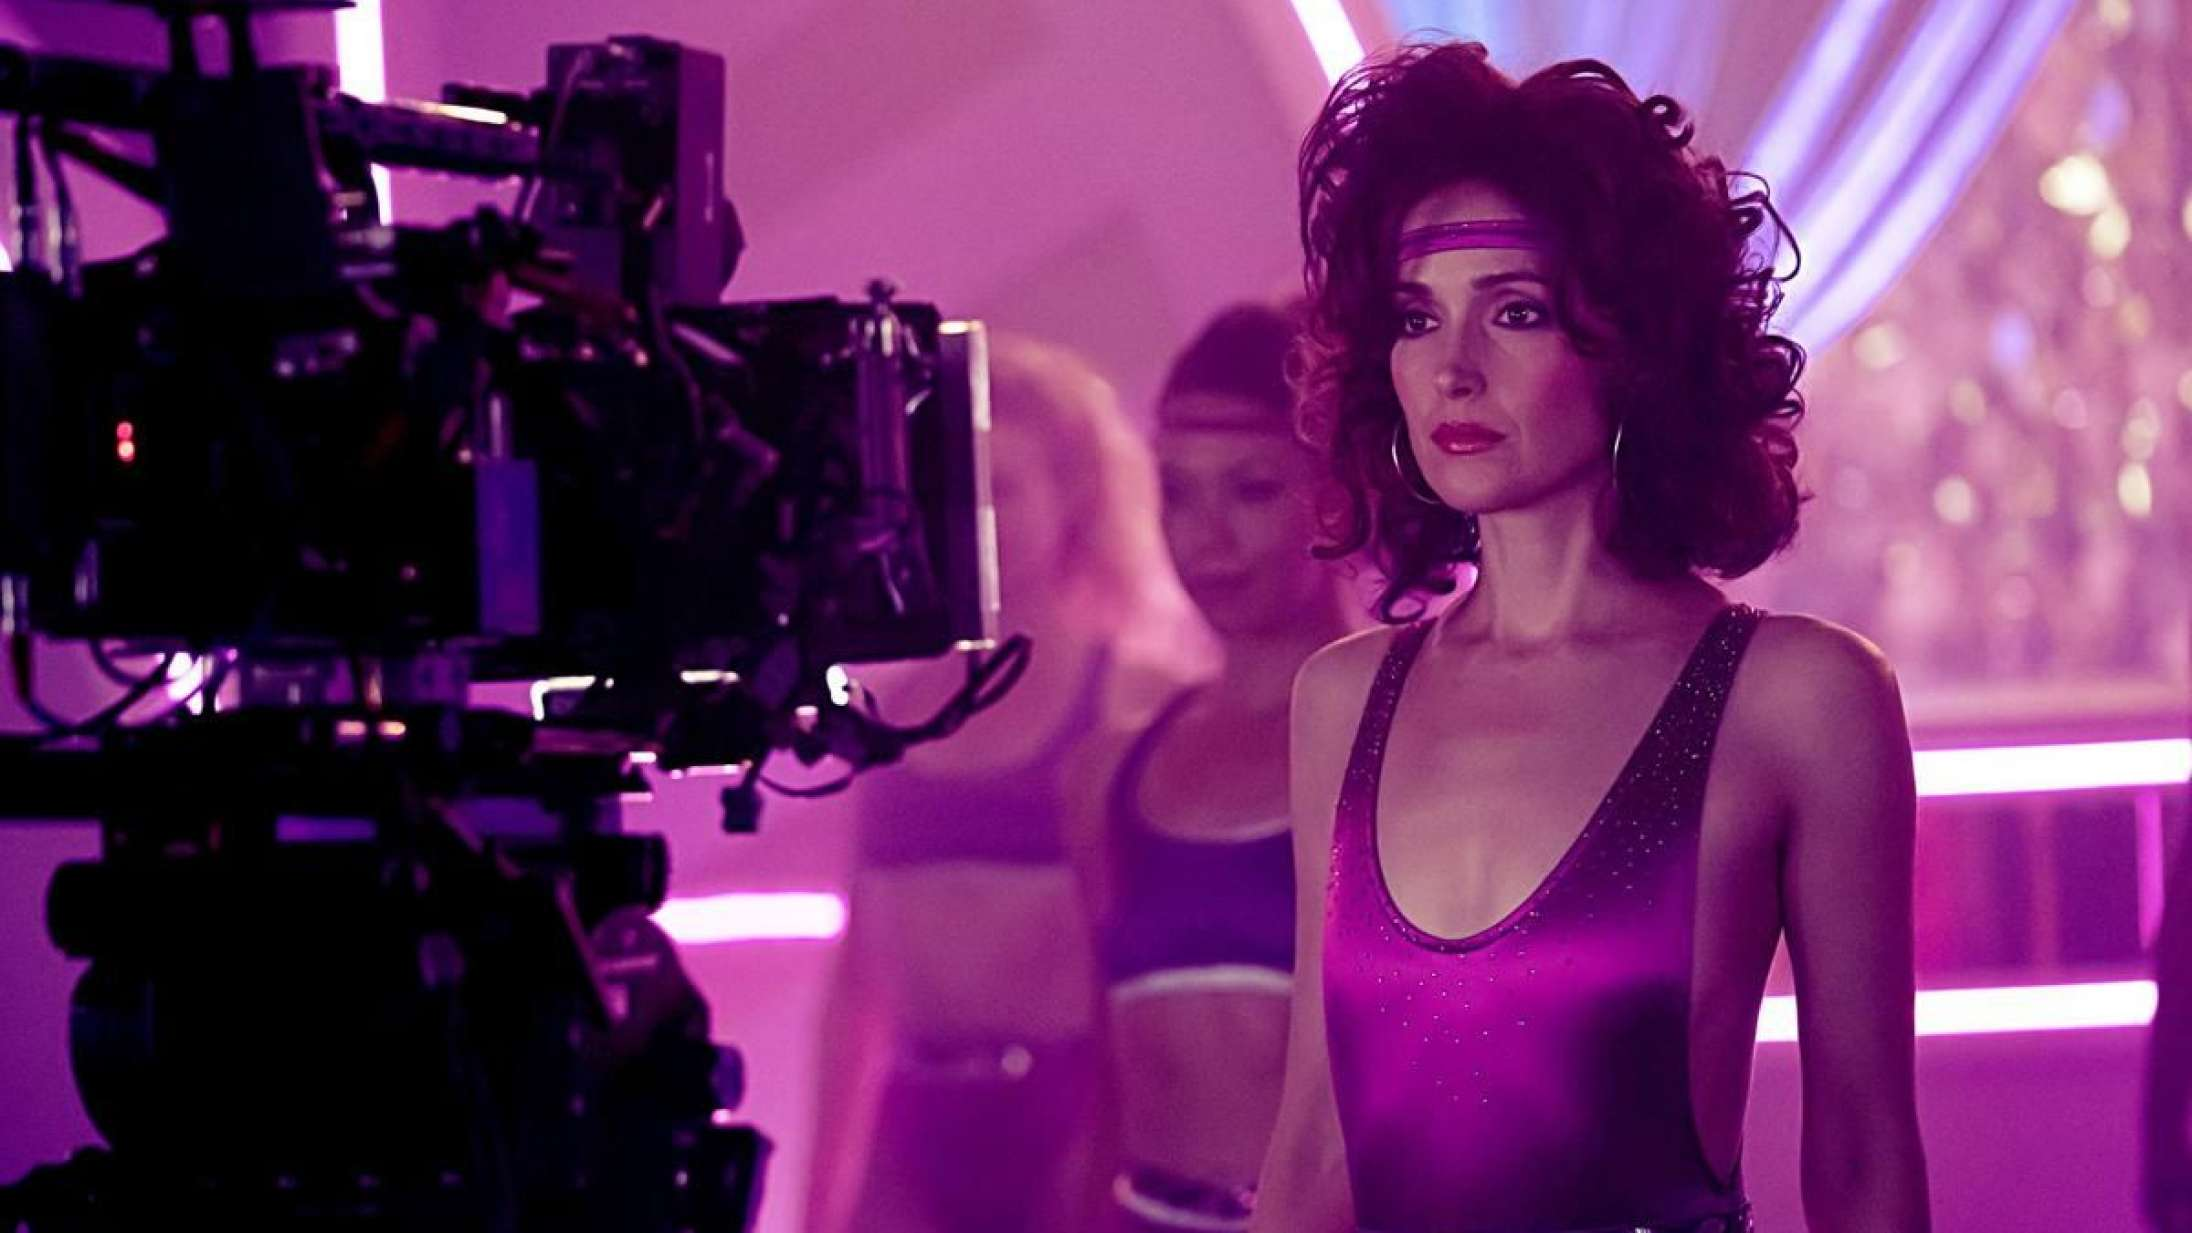 Lyt til Soundvenue Streamer: Geniale Rose Byrne er kontroversiel aerobics-gudinde i 'Physical'